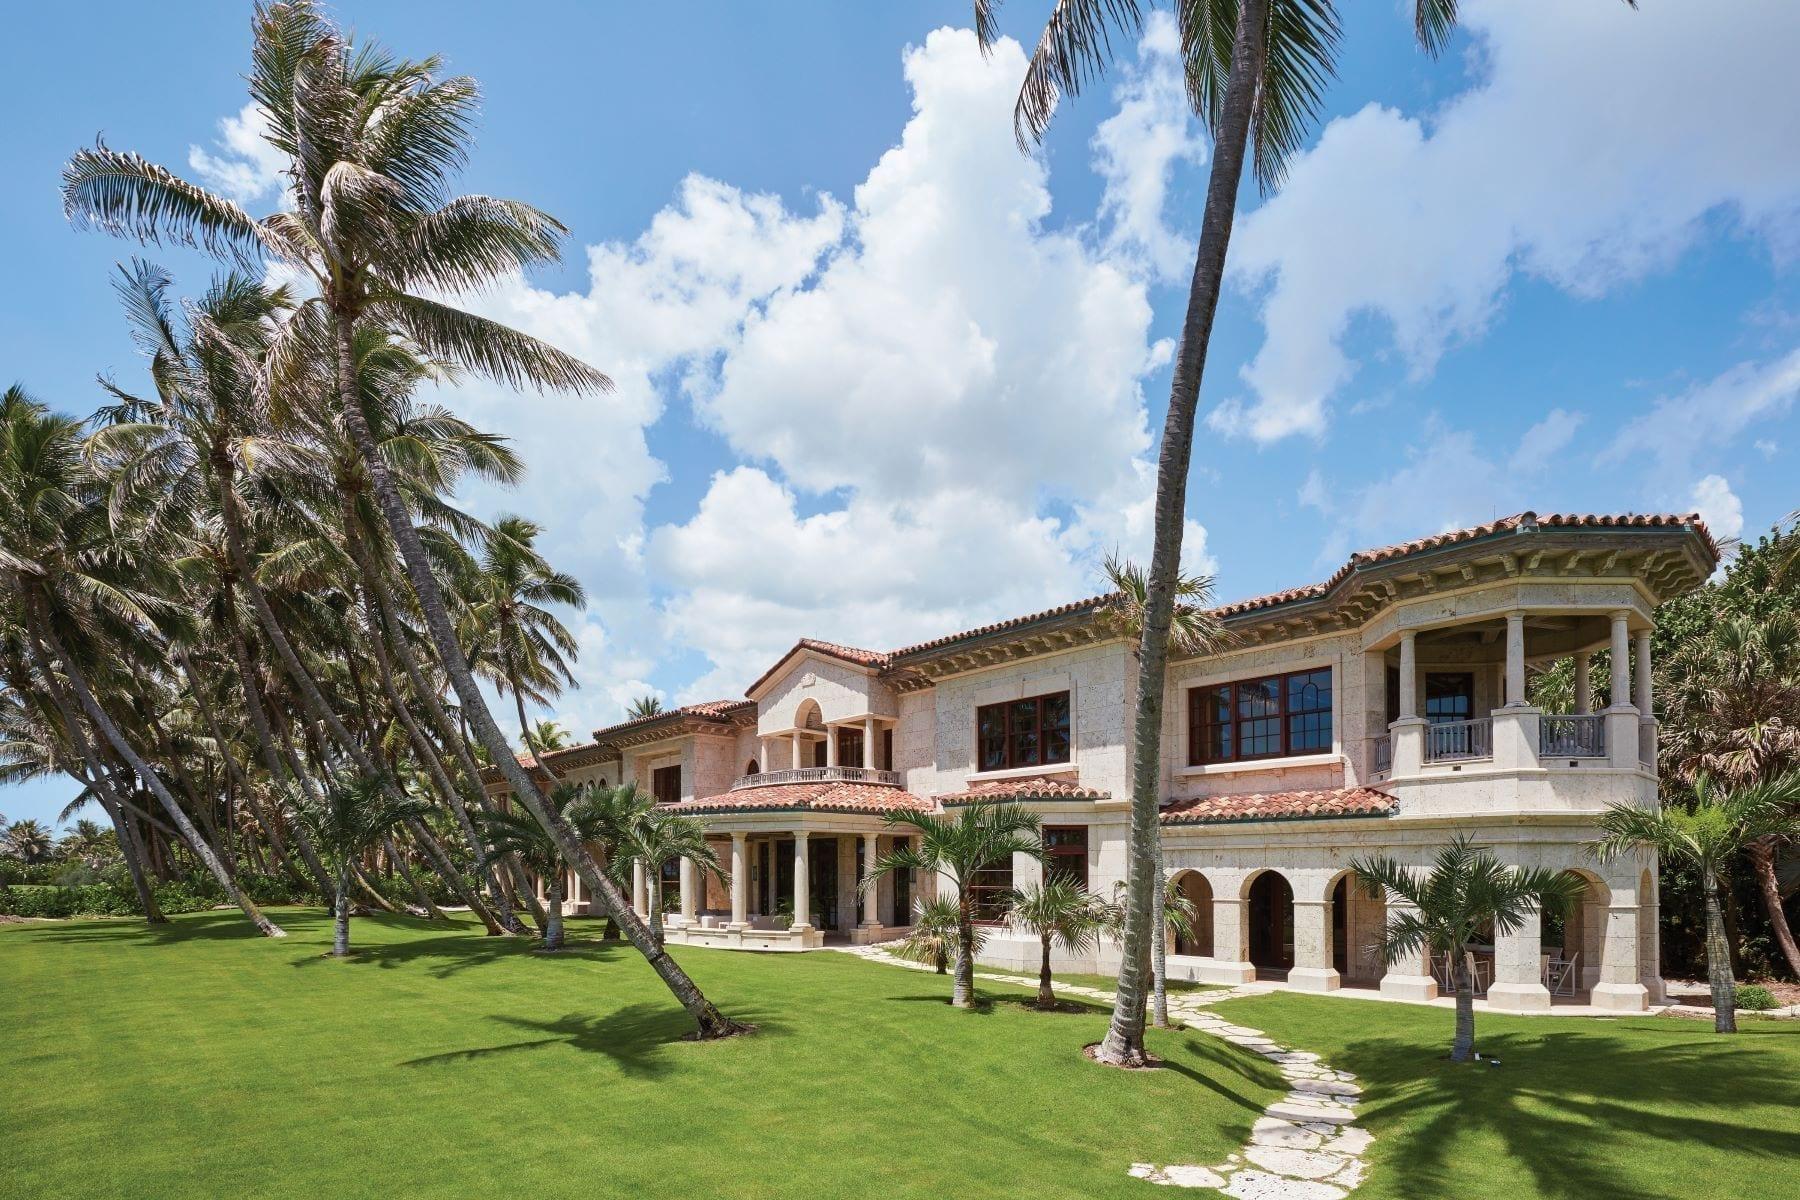 qm24vamv6e9840js4t3ejqf167i215 - Top 3 proprietăți americane ce pot fi cumpărate cu 100 de milioane de dolari